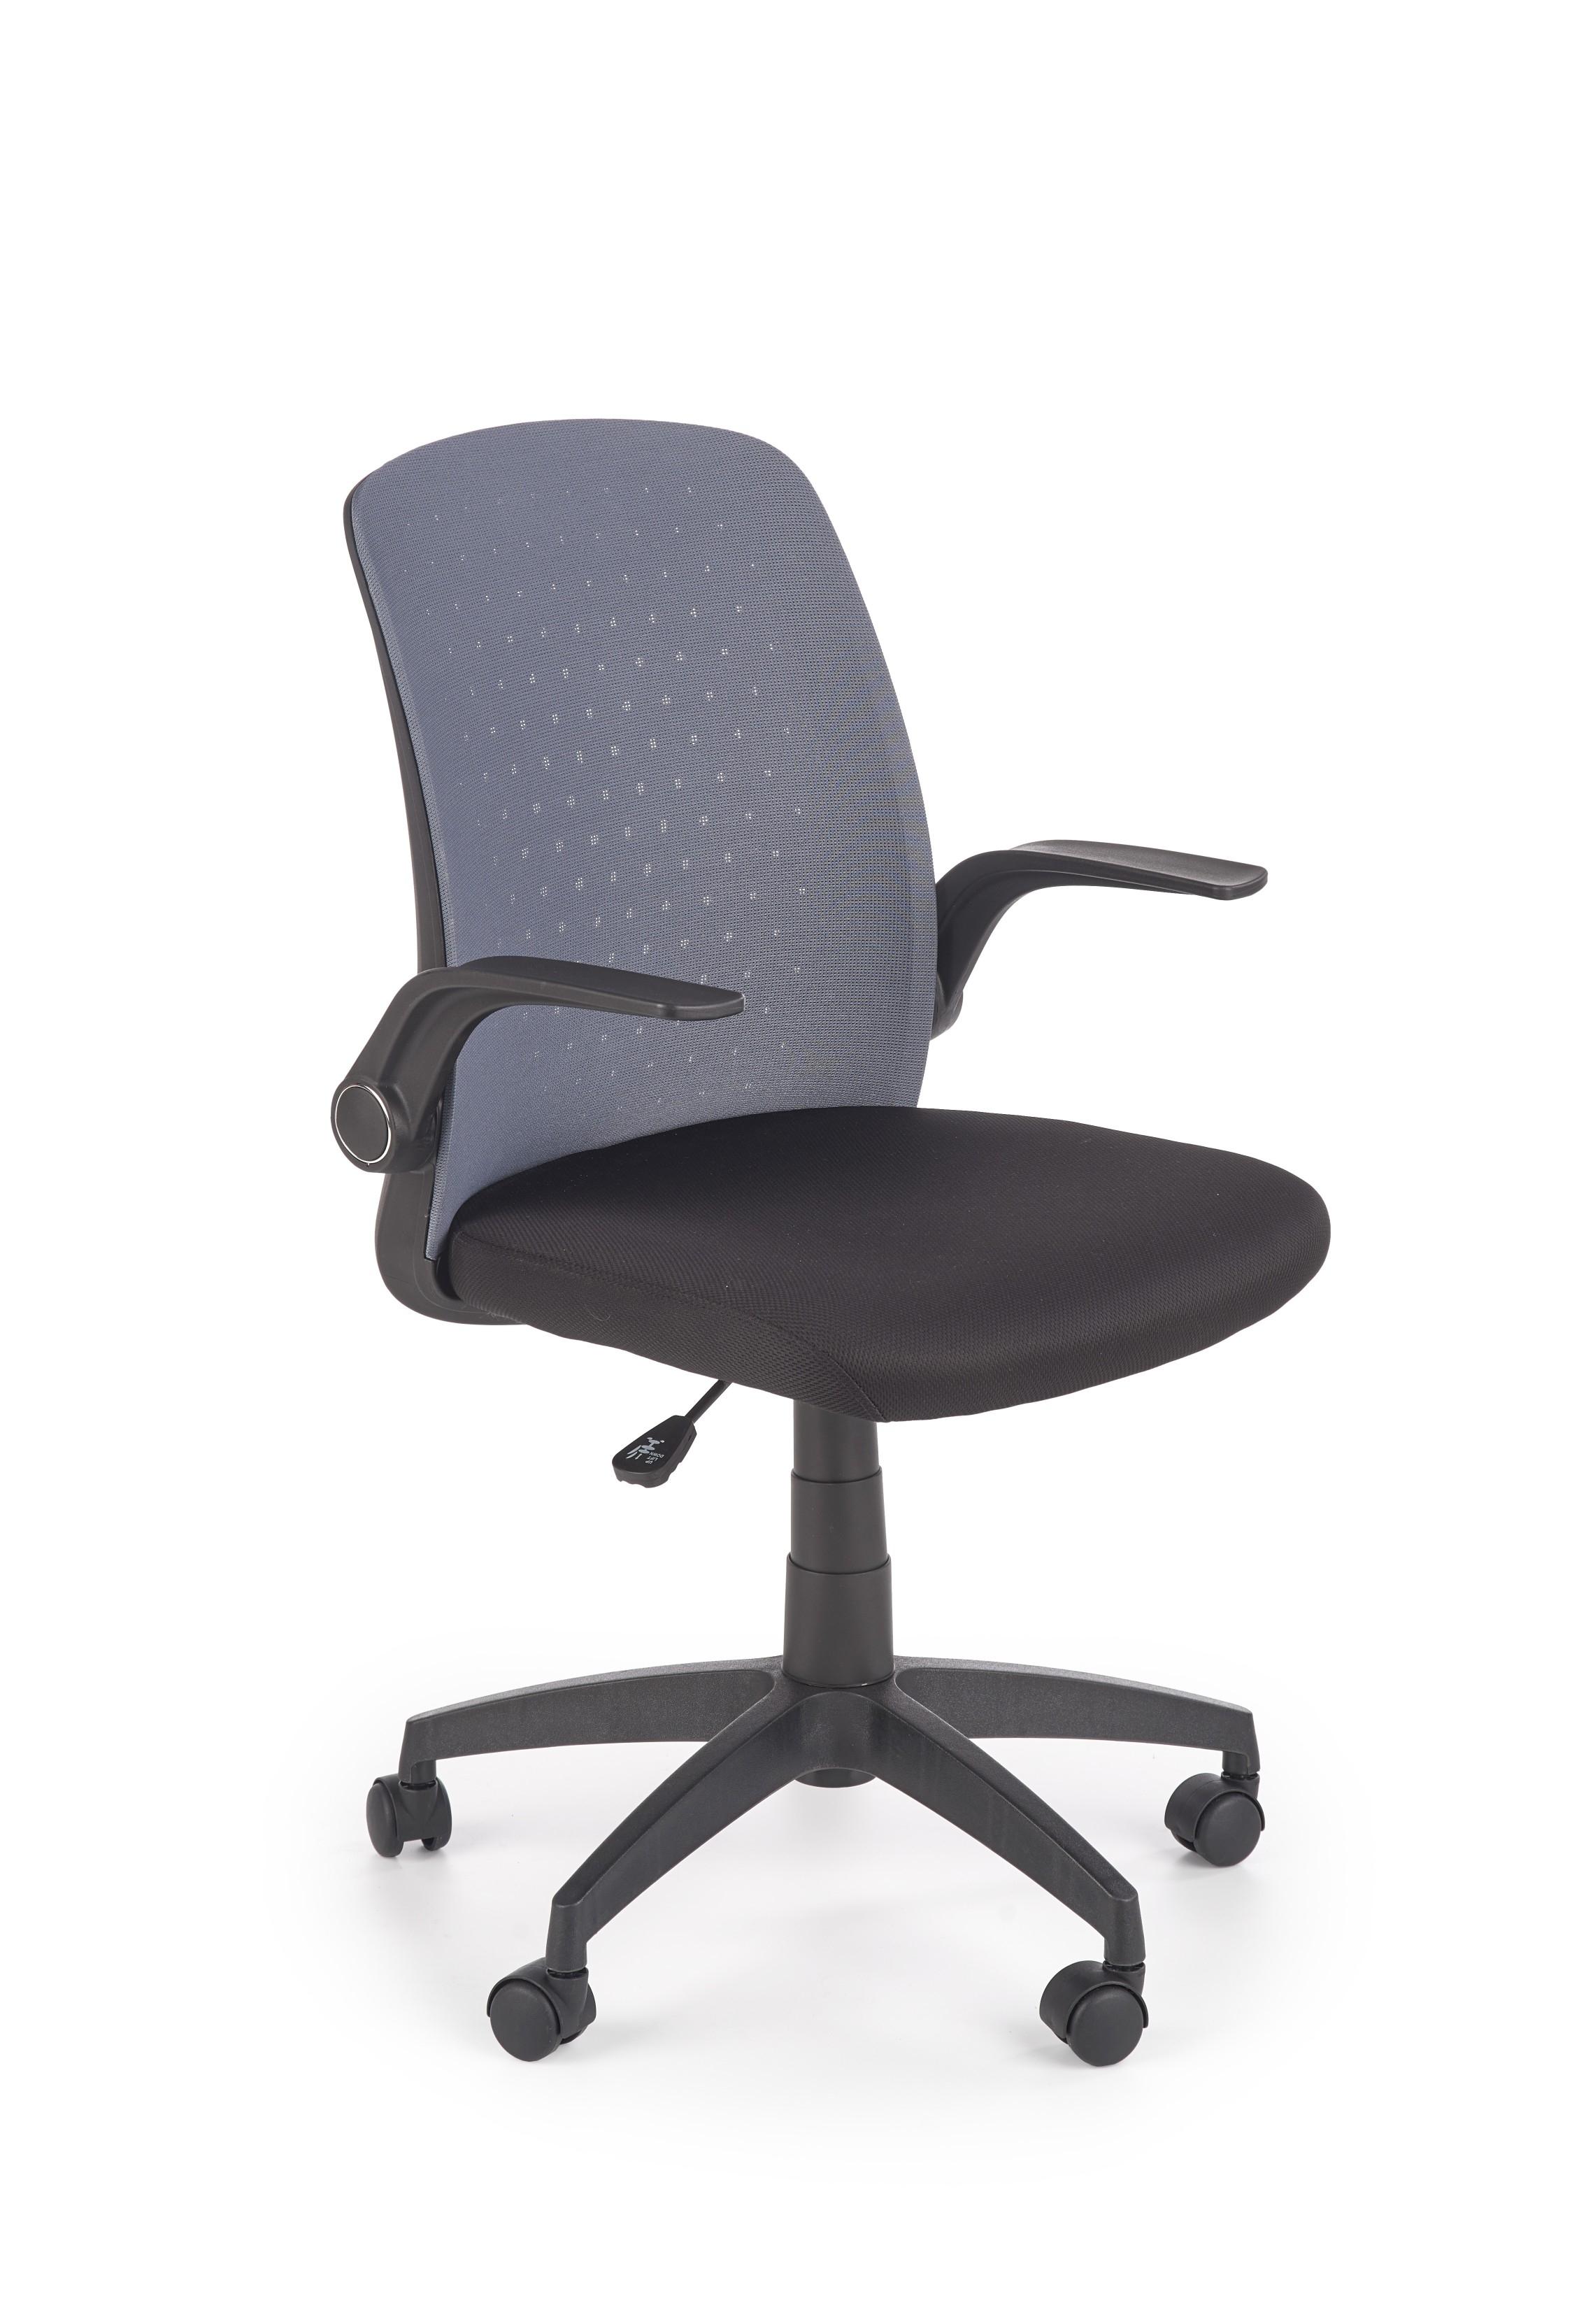 Scaun de birou ergonomic tapitat cu stofa Secret Gri / Negru, l55xA57xH86-94 cm poza